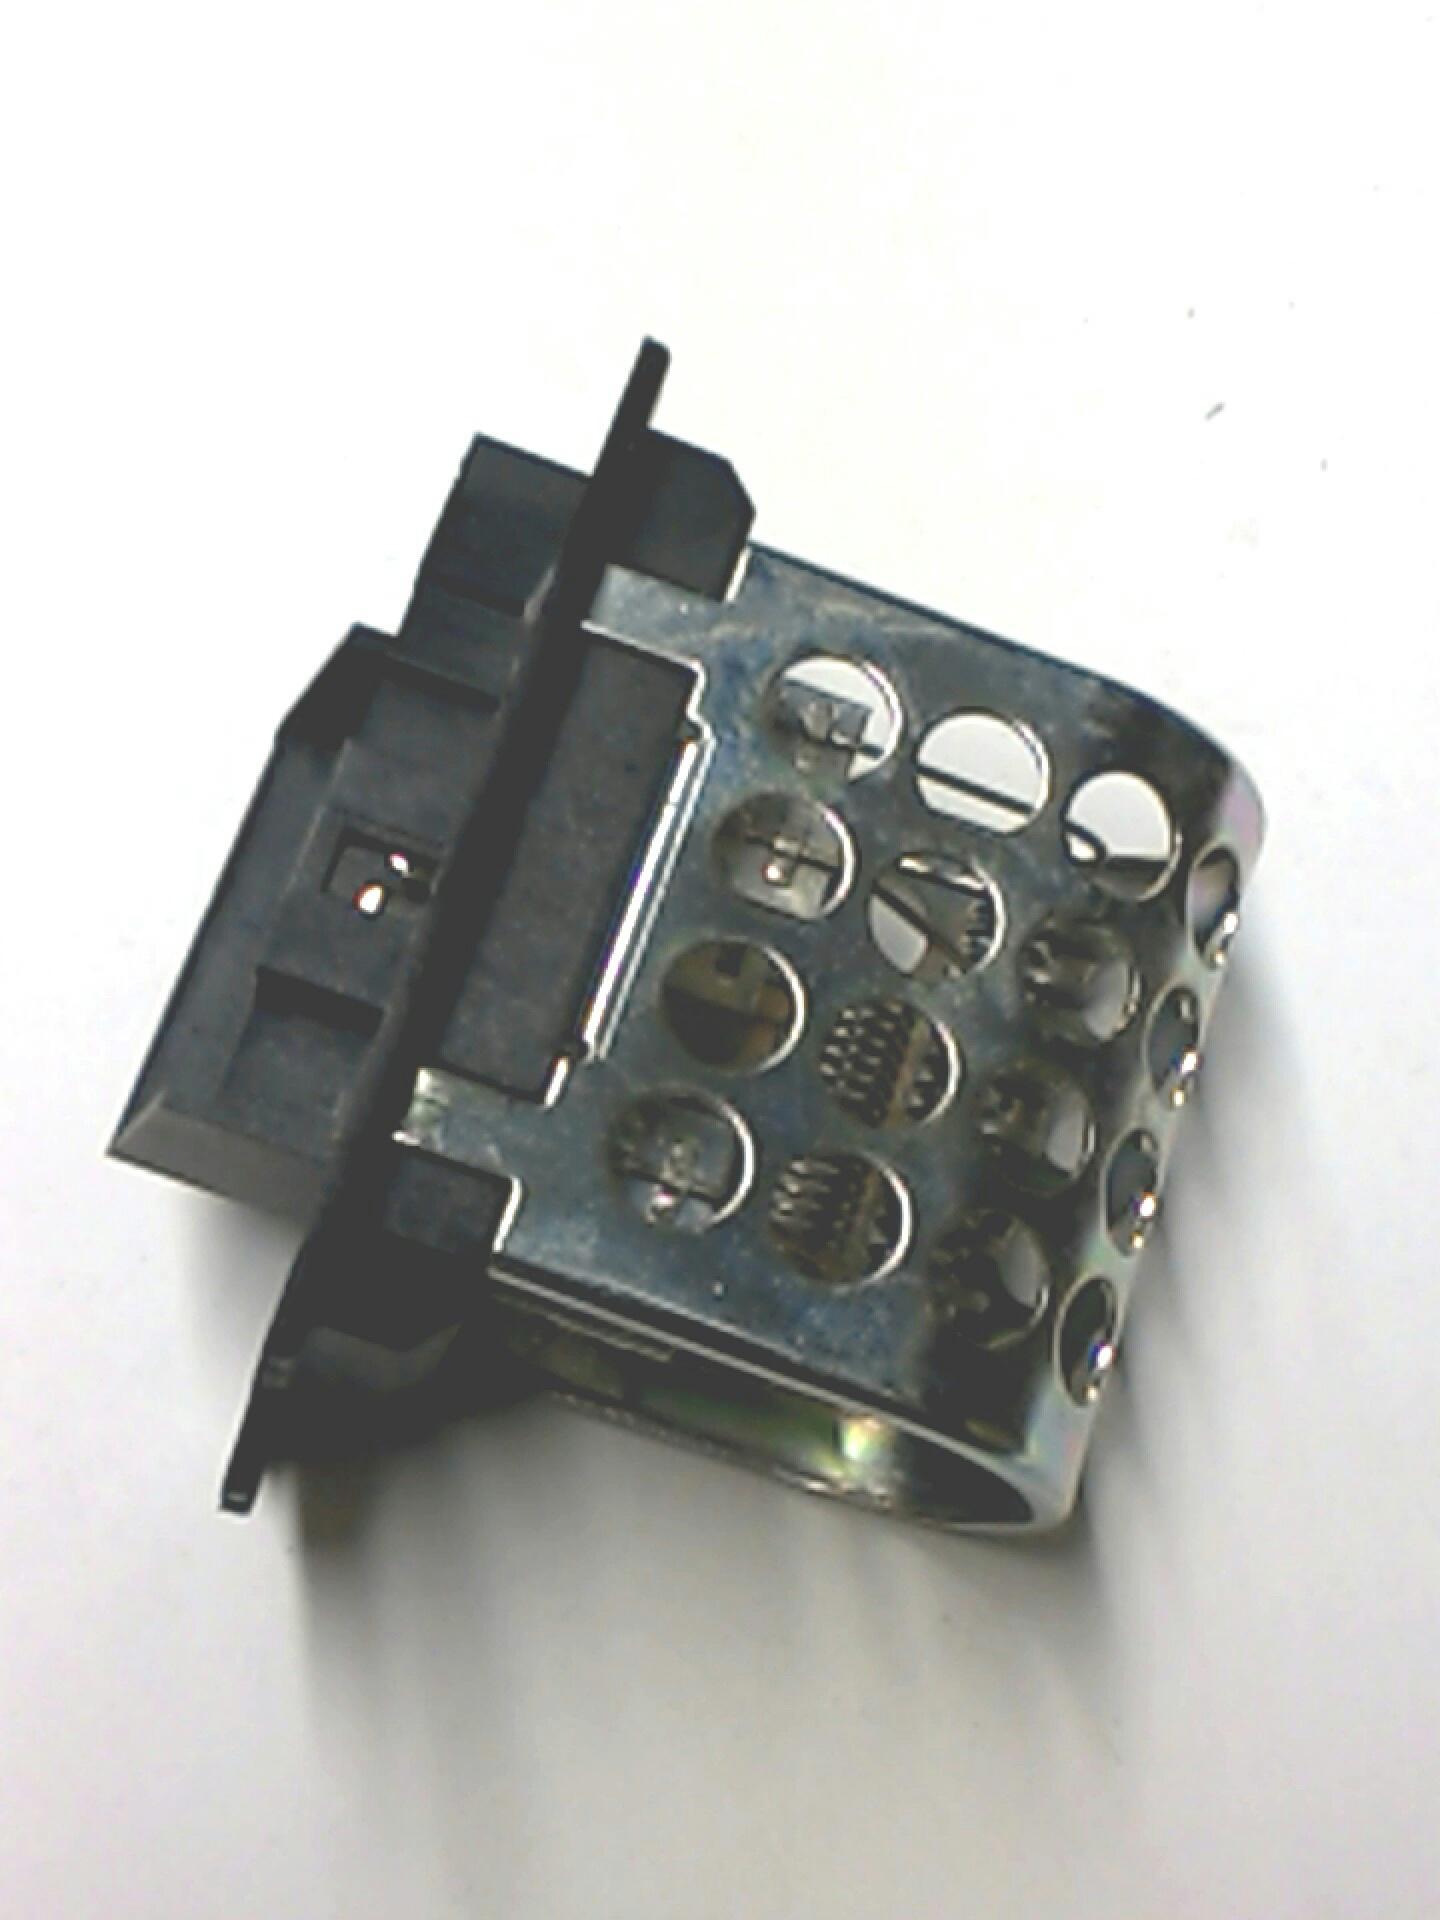 04885844aa Chrysler Resistor Blower Motor Resistor